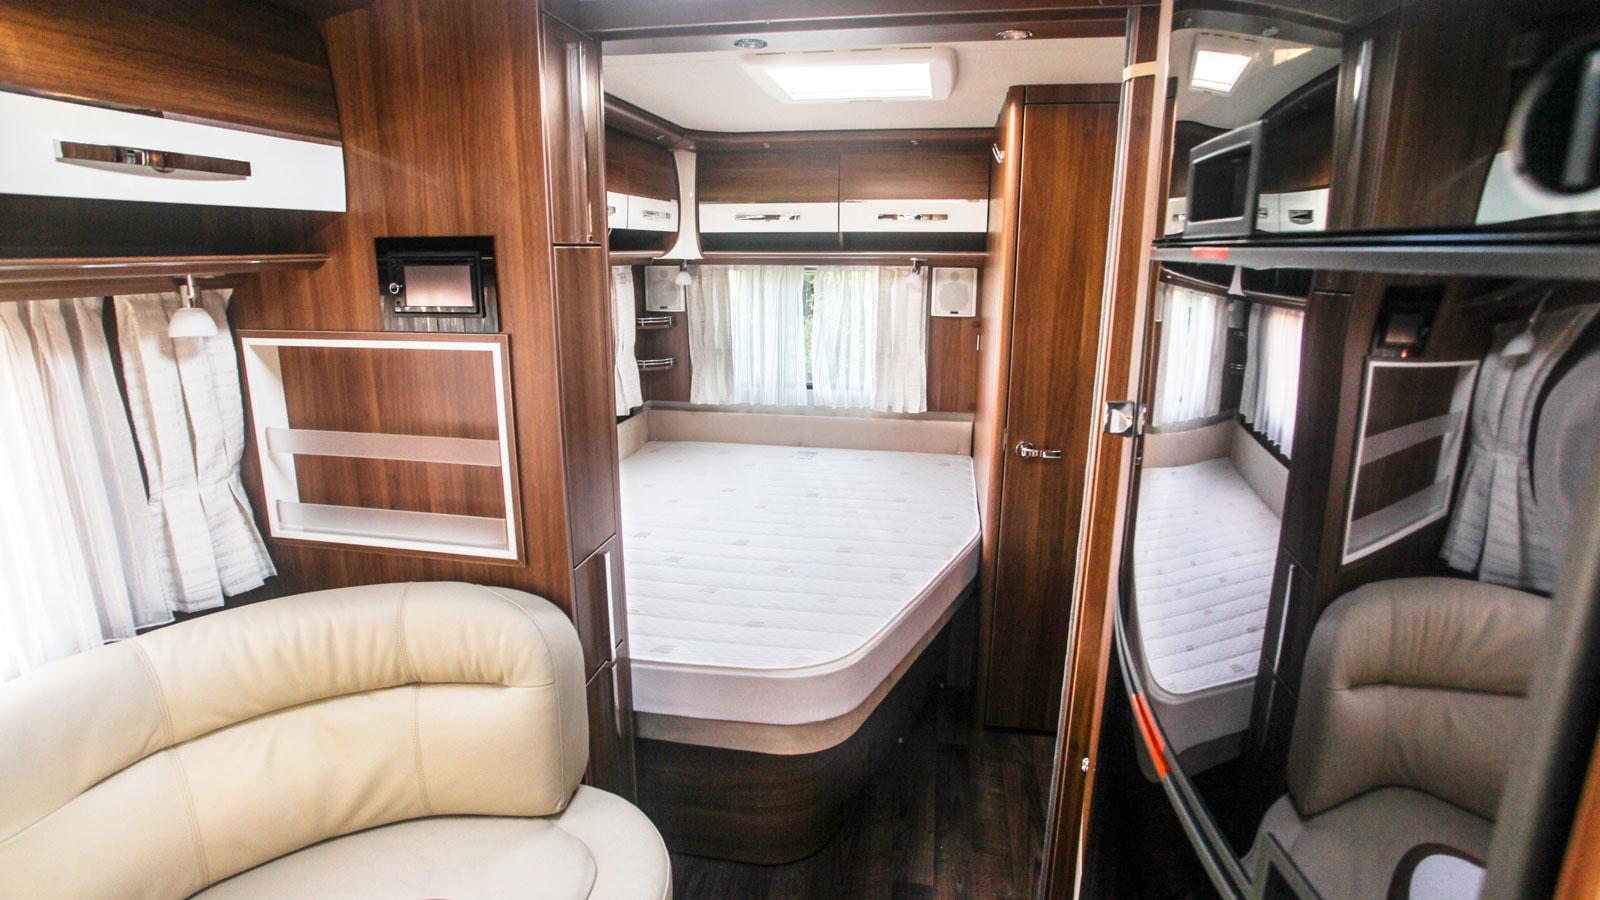 Sängen är en så kallad fransk bädd i bakre hörnet av vagnen och hygienutrymme intill. Tv-stativet kan vikas runt och ses från bädden. Fönster i huvudänden är svårt att läsluta sig mot.